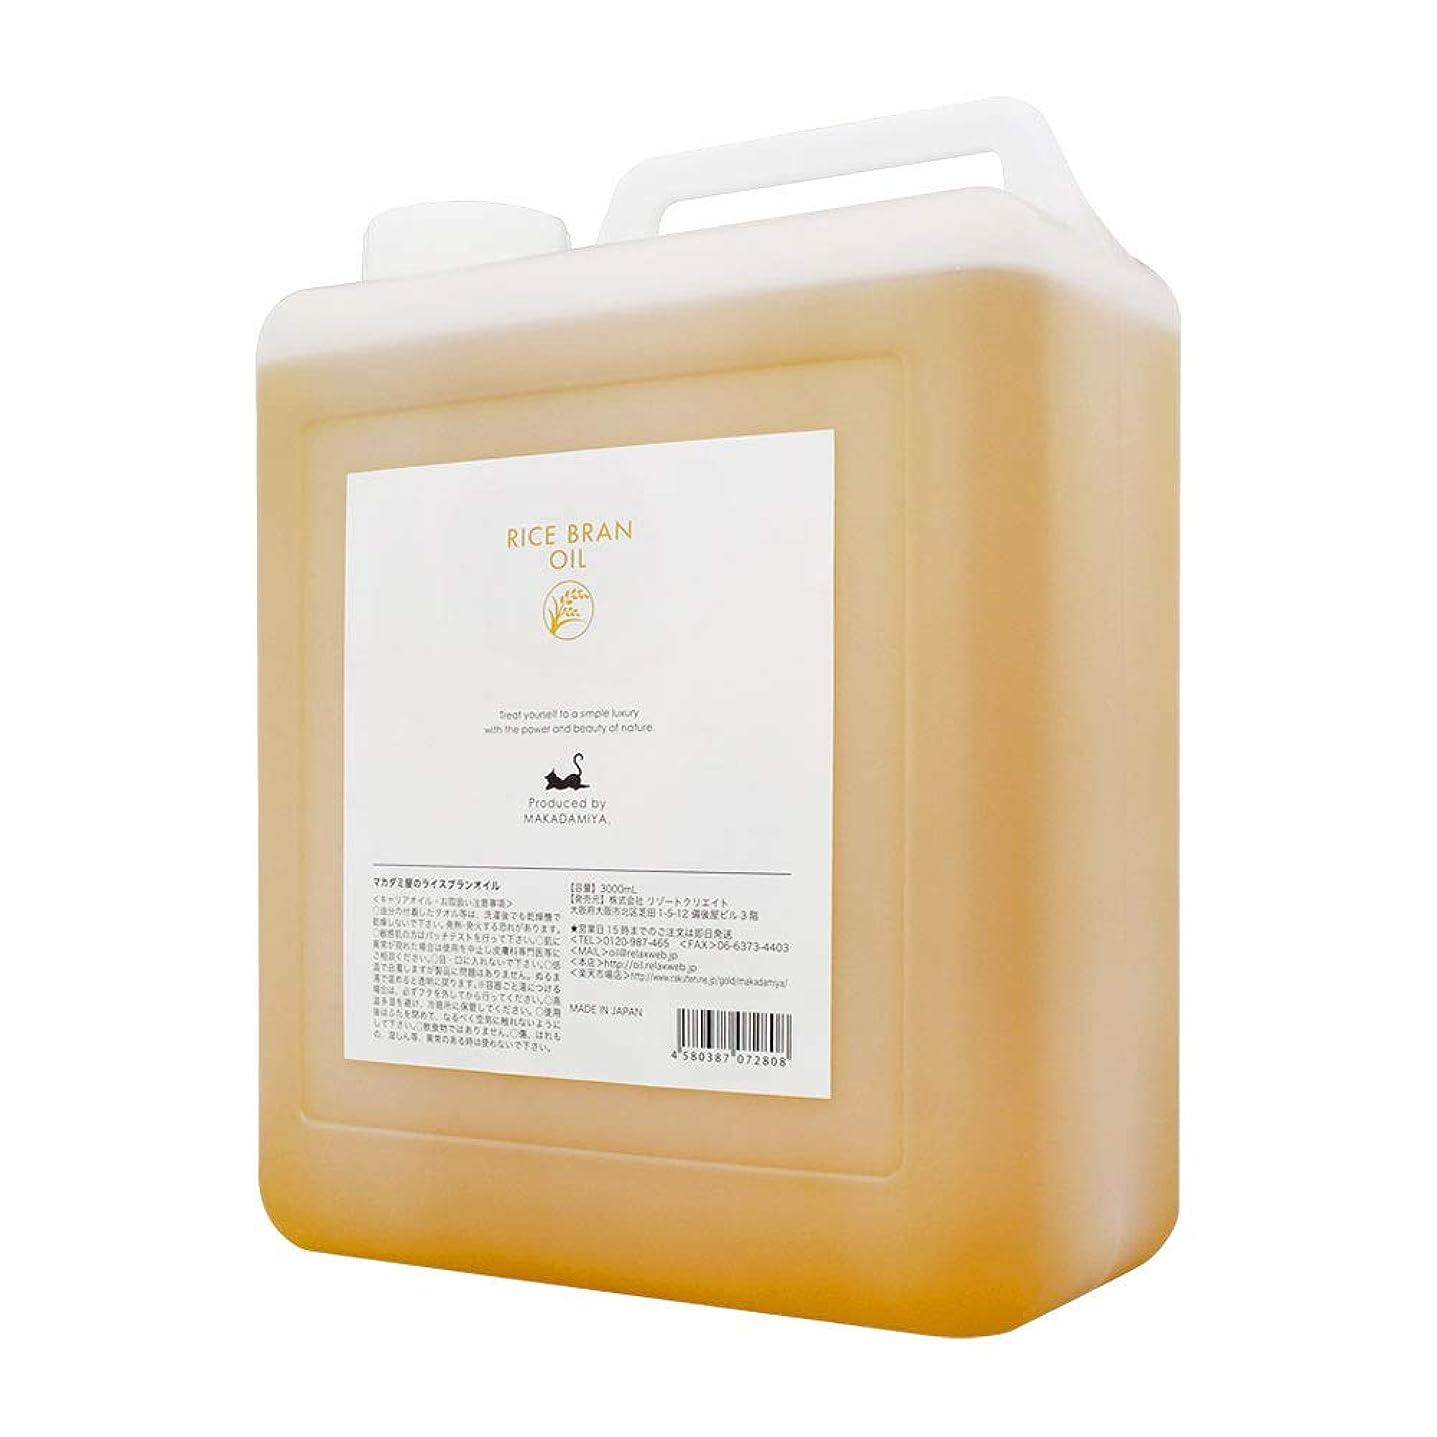 データベース指標忠実なライスブランオイル3000ml (米油 米ぬか油 ライスオイル/コック付) 高級サロン仕様 マッサージオイル キャリアオイル (フェイス/ボディ用) 業務用?大容量